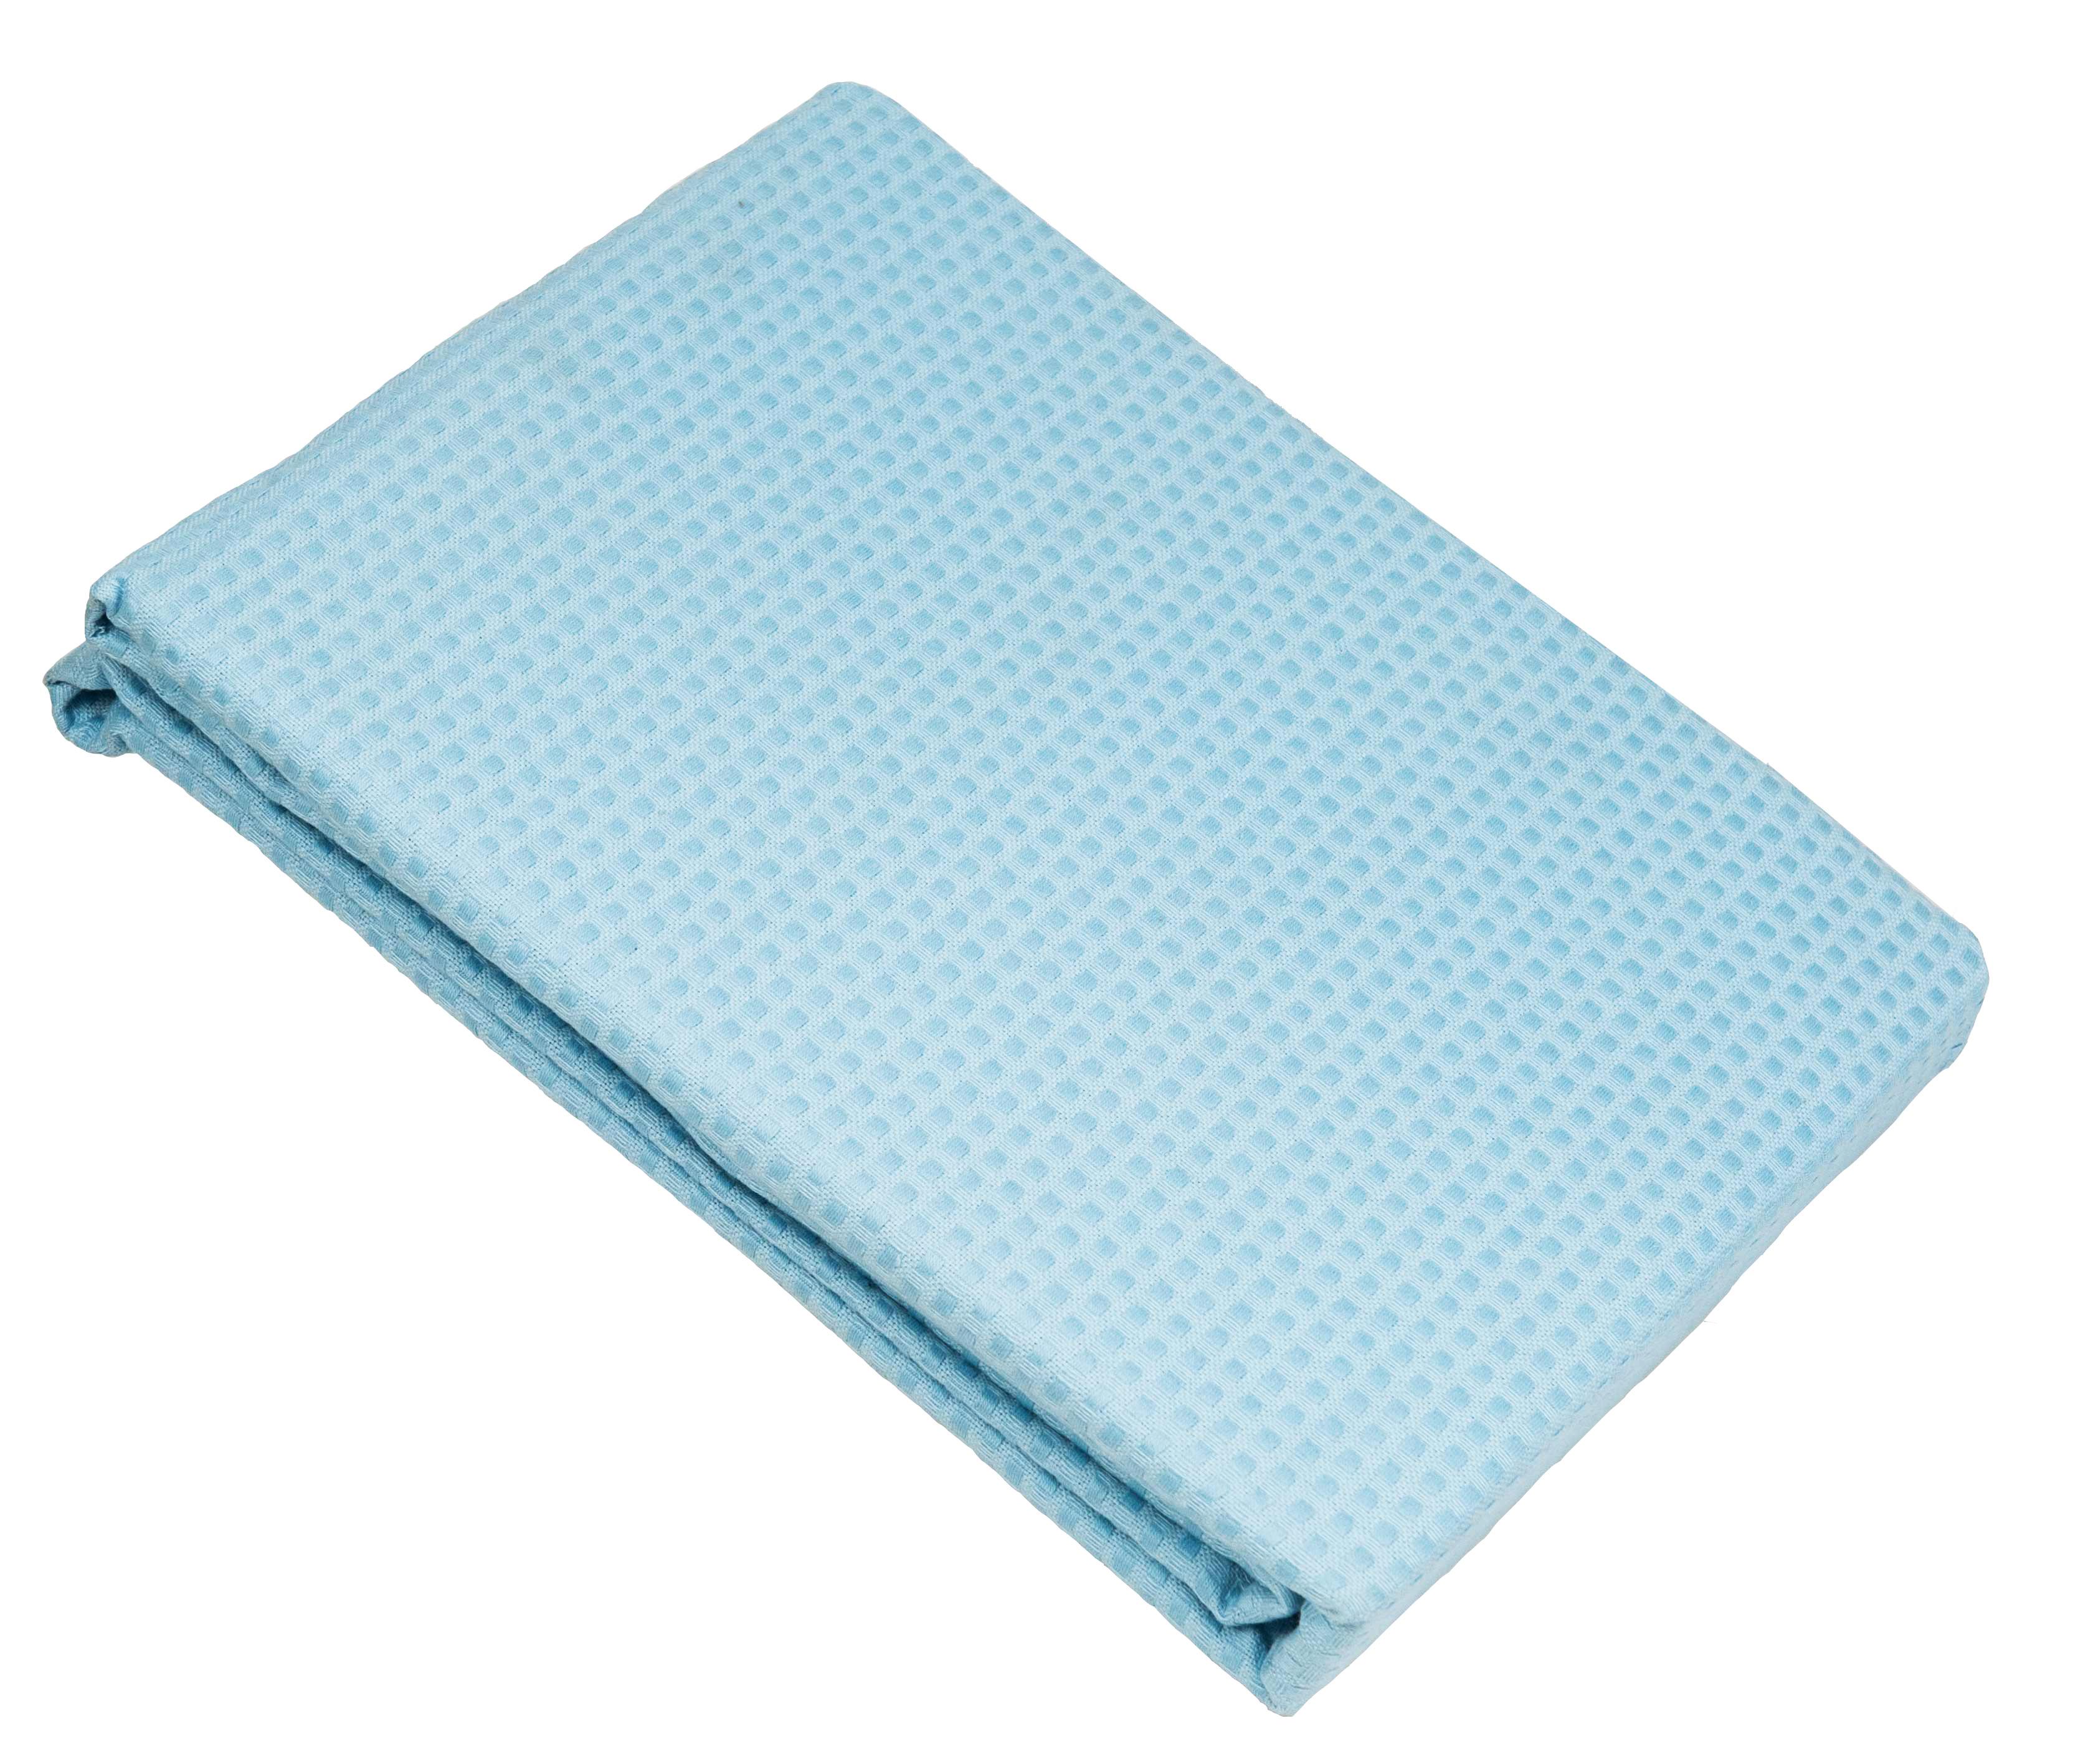 Σιέλ κουβέρτα πικέ υπέρδιπλη sanforized 220Χ245 - 3257-2